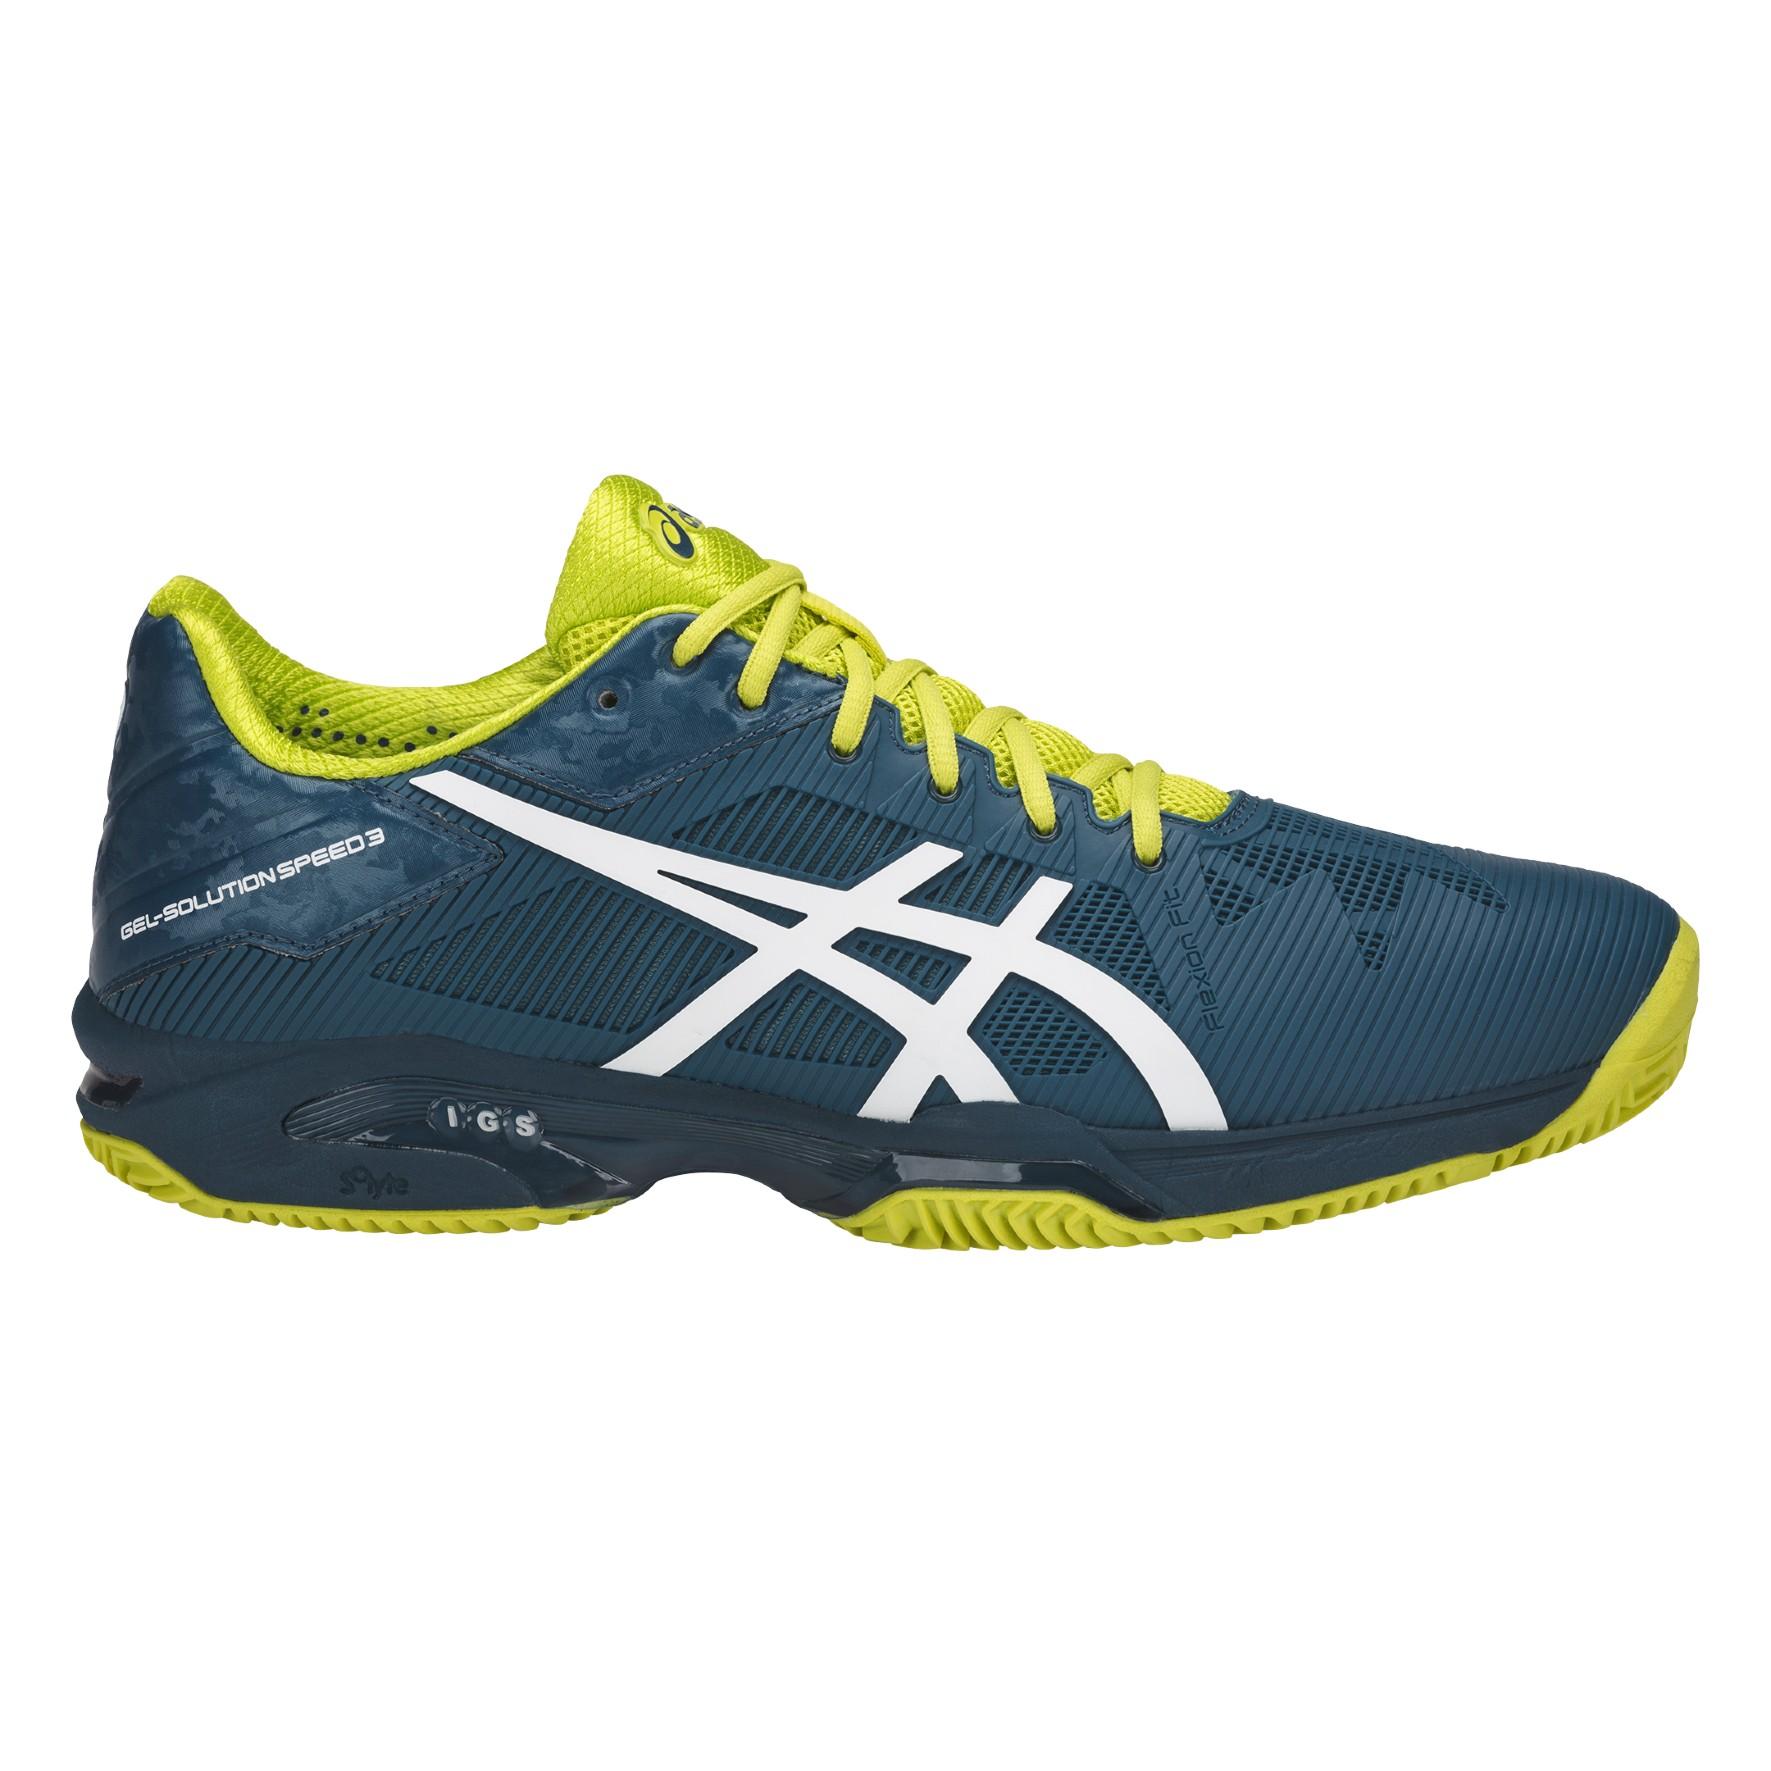 Tenisová obuv Asics Gel Solution Speed 3 Clay E601N-4501 modrá 10bdd6a3c2